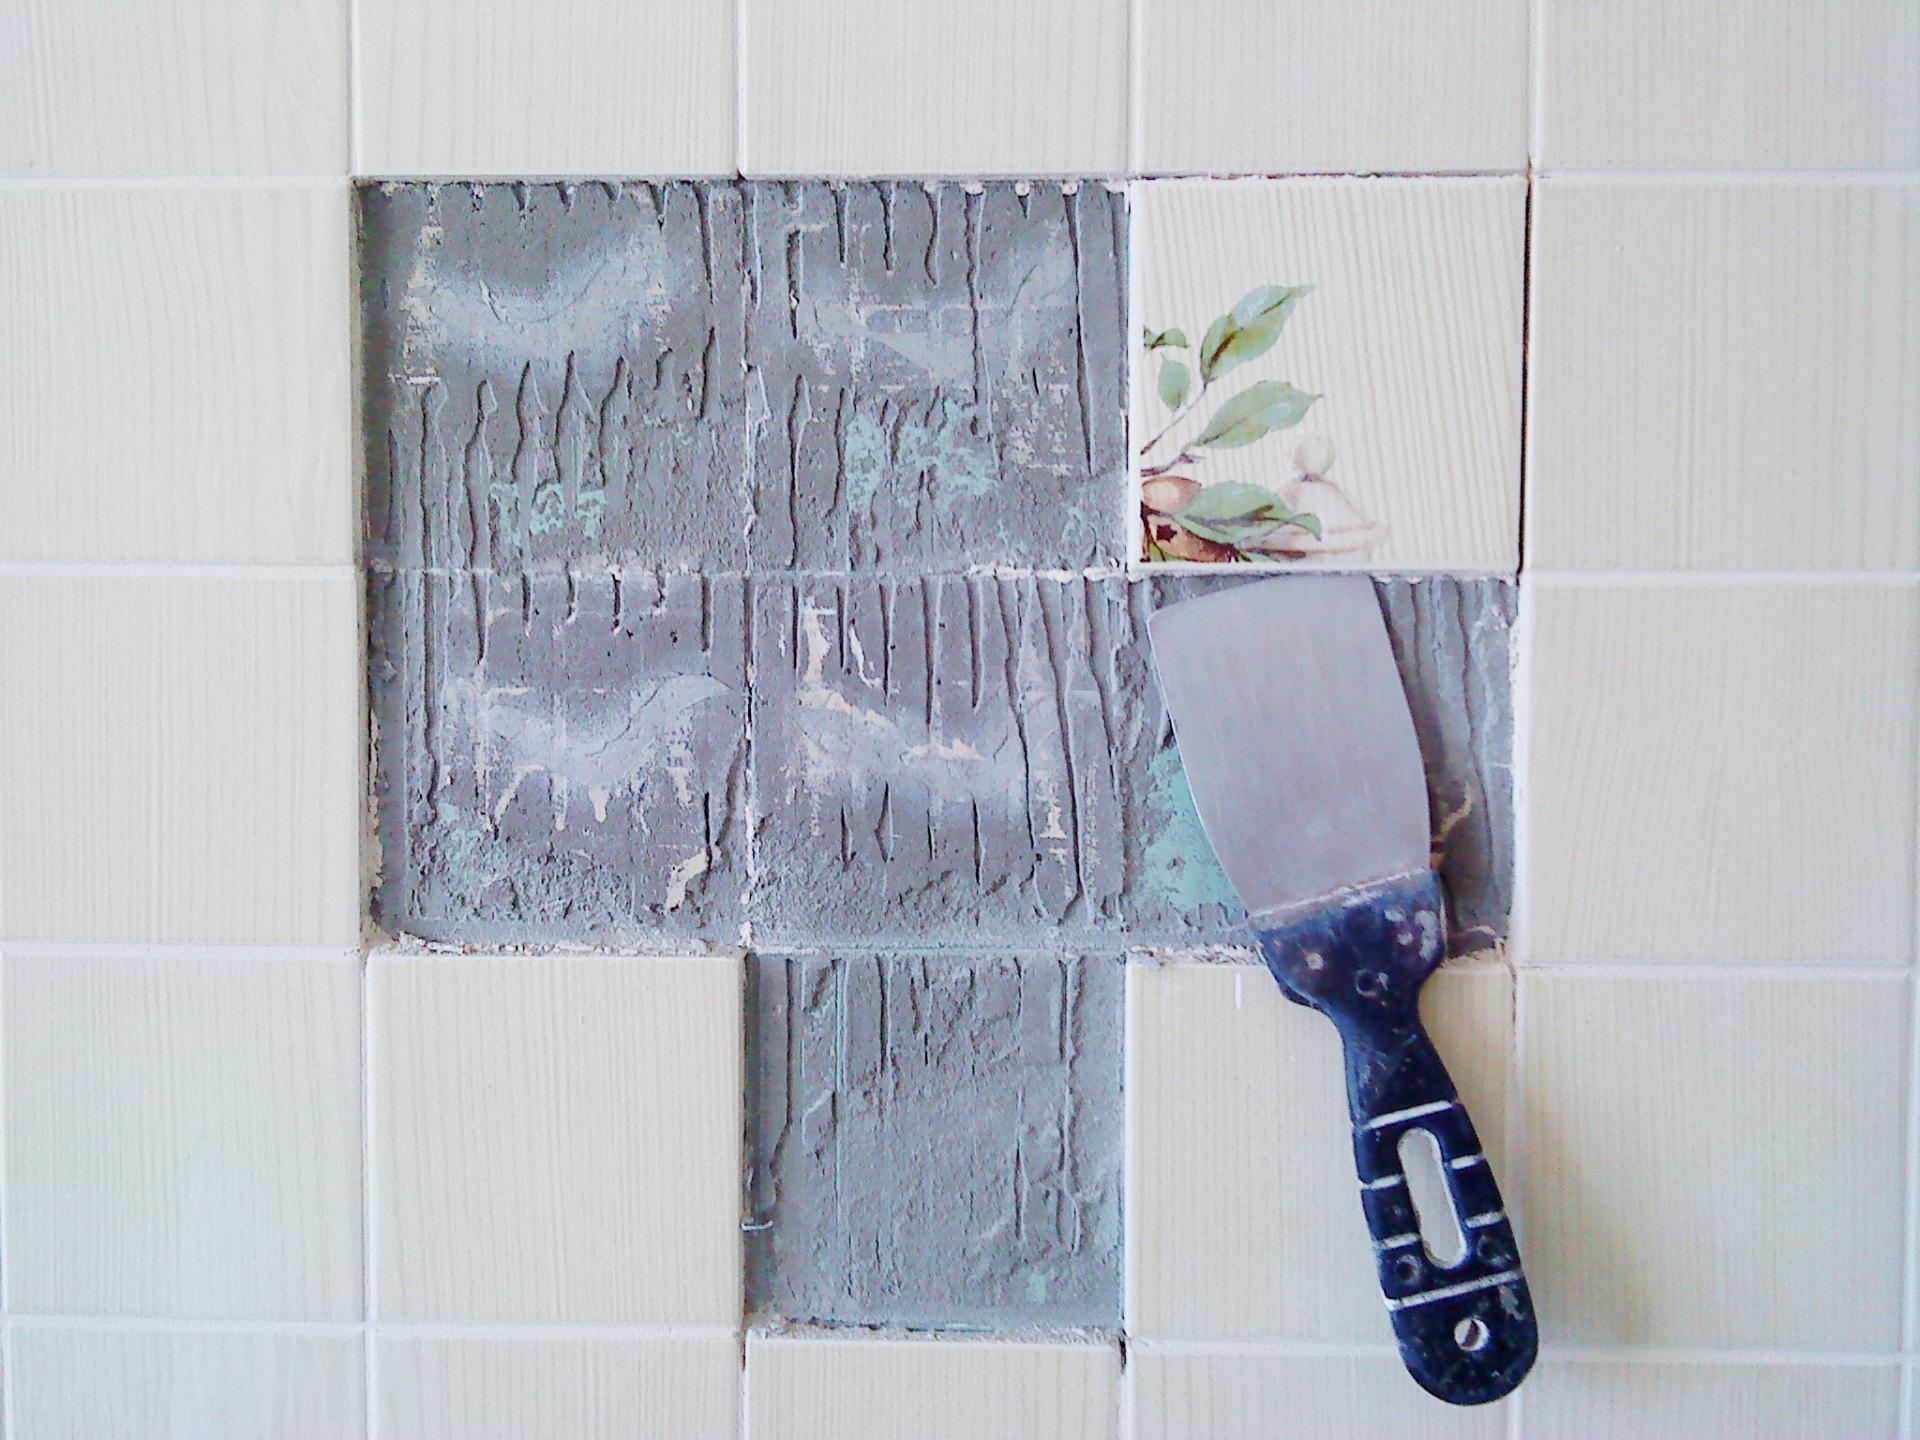 Удаление плитки со стены